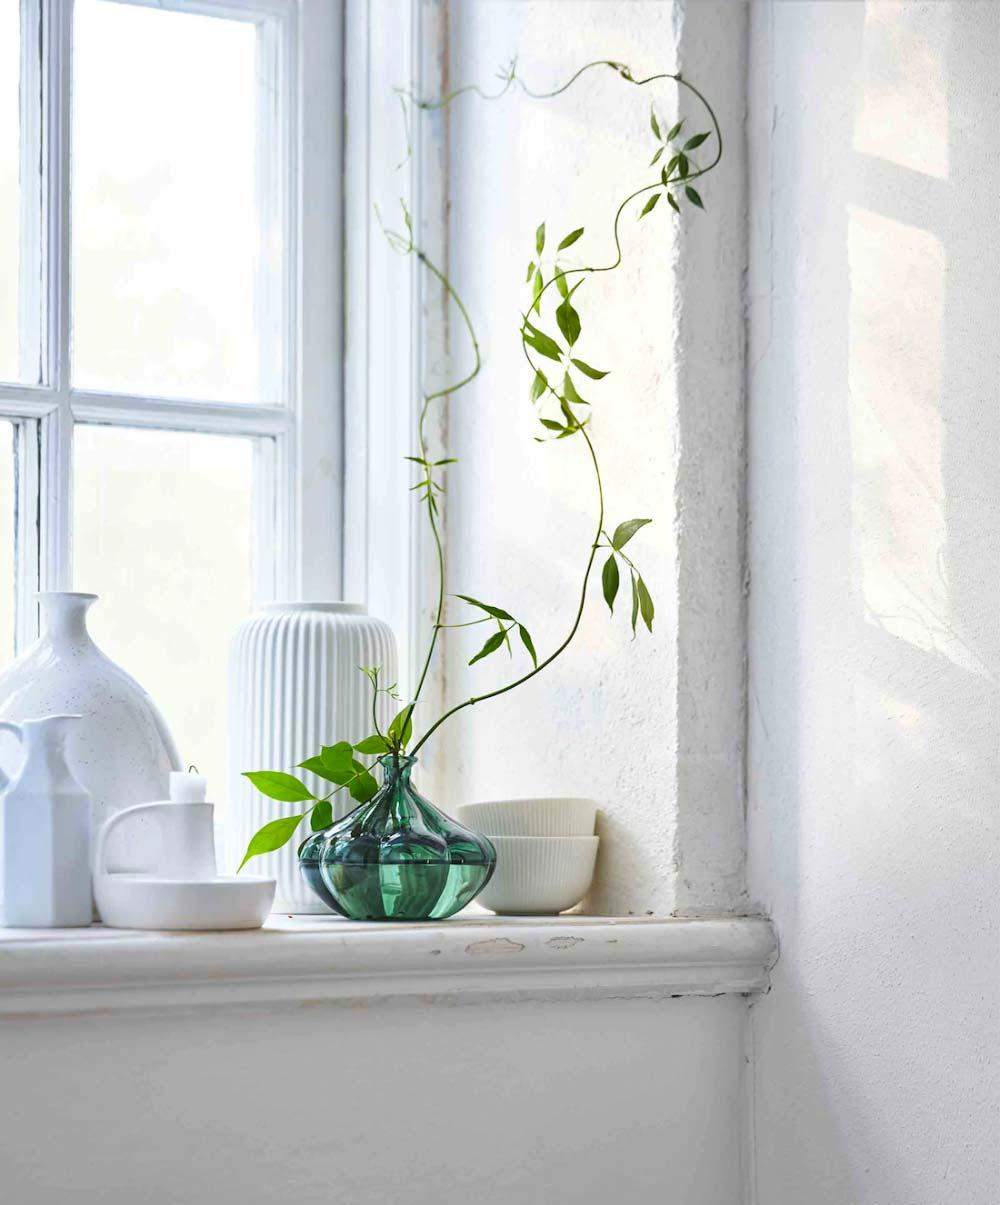 vensterbank decoratie keramiek